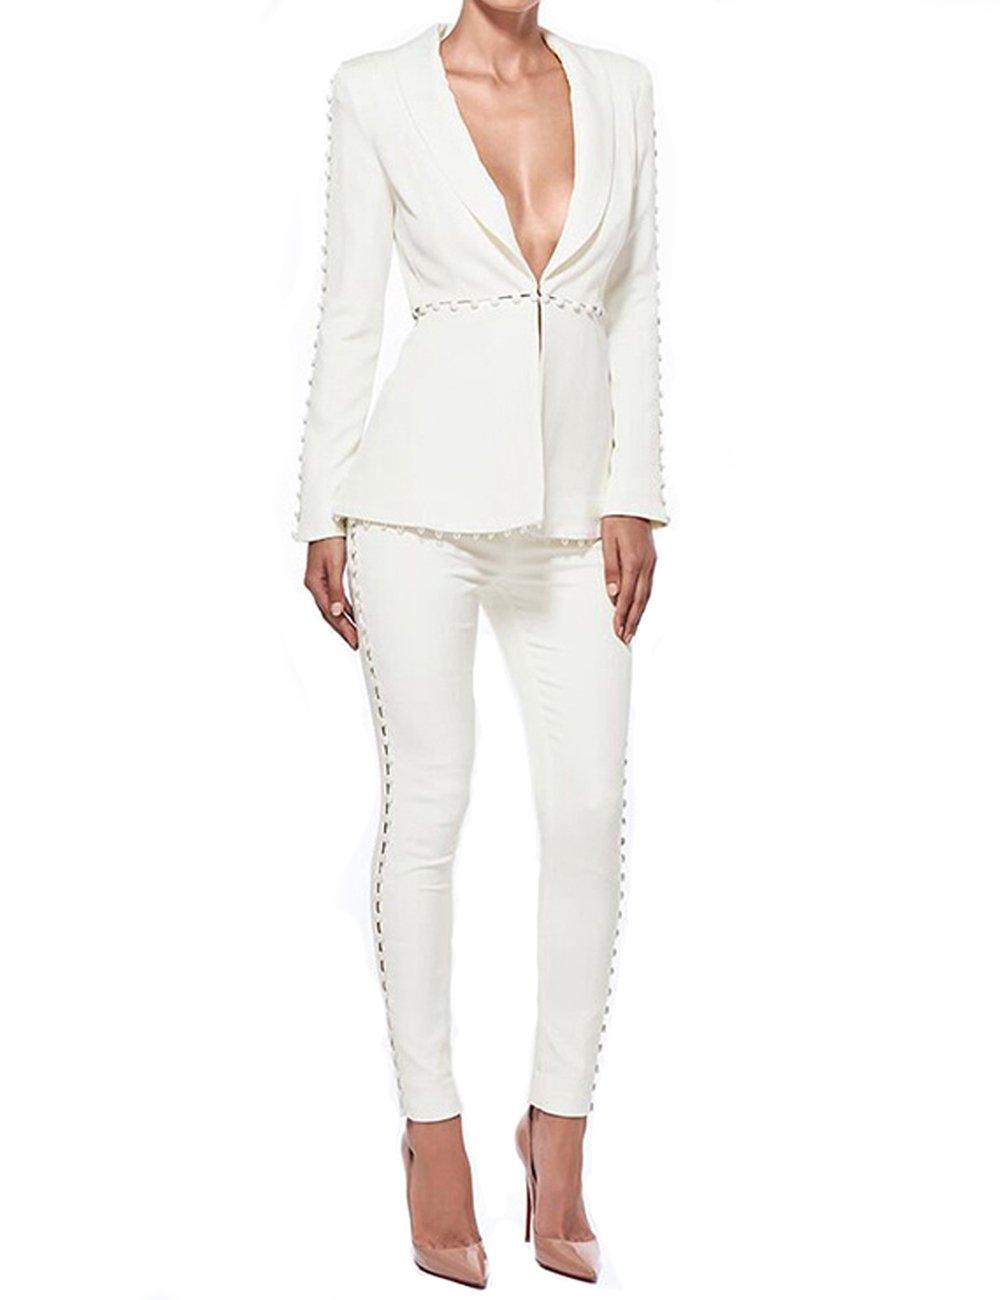 UONBOX Women's Cut Out 2 Pieces Slim Fit Blazer Jacket Pants Suit Set (S, White)